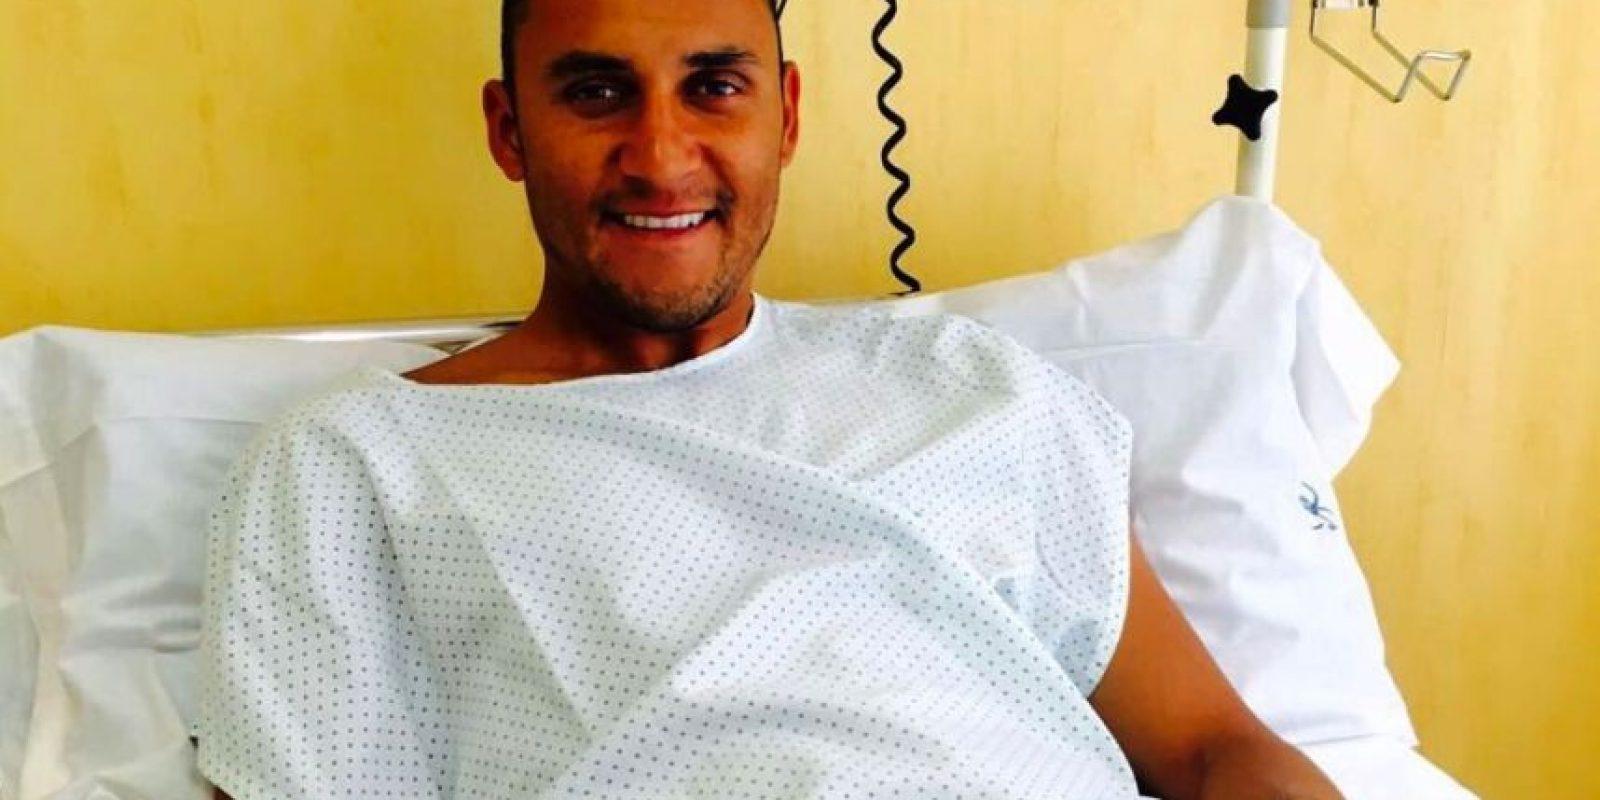 El portero costarricense compartió su alegría a través de las redes sociales. Foto:@NavasKeylor